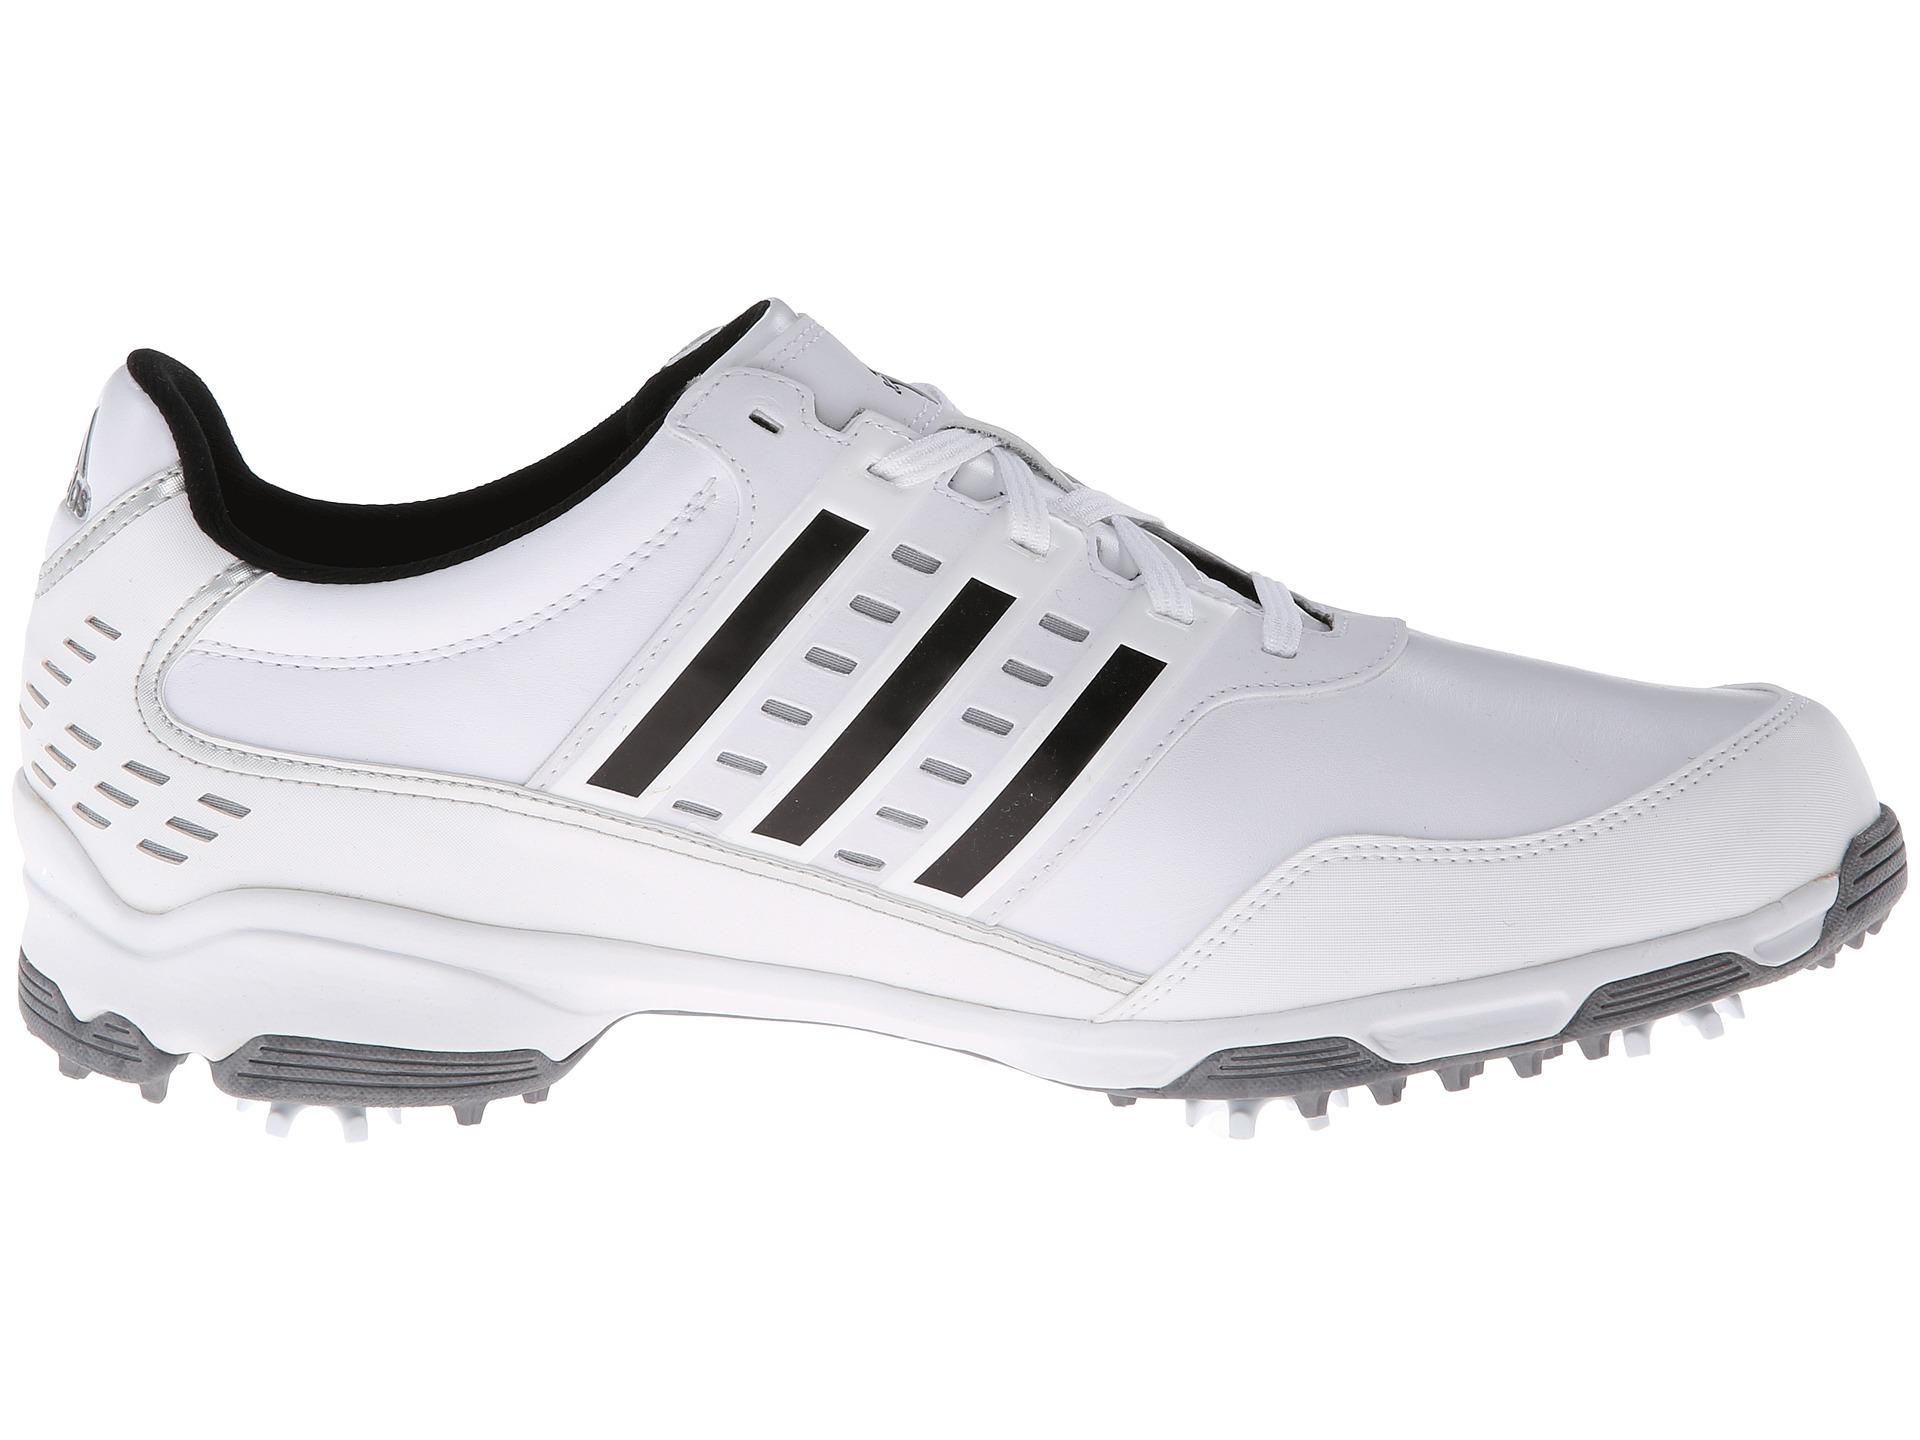 Adidas Z Traxion  Stripe Golf Shoes